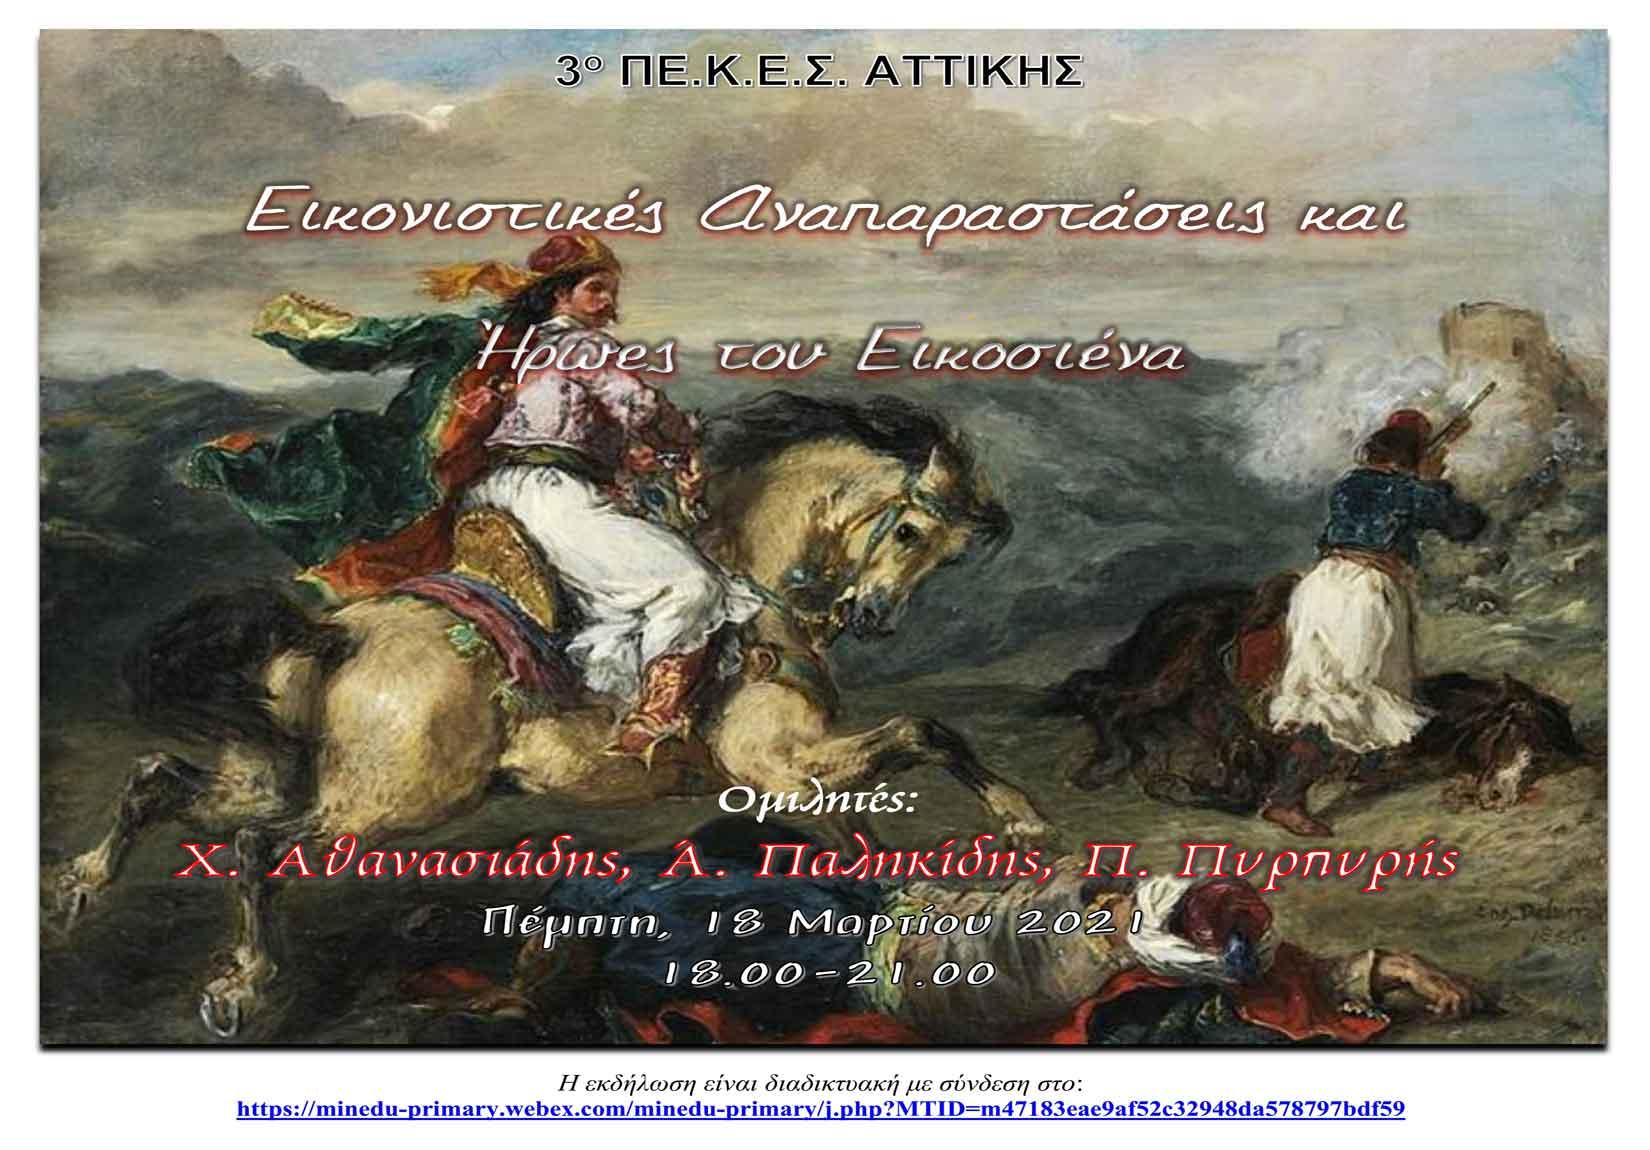 Επιμέλεια φωτογραφίας τού ΣΣΕ κ. Ιωάννη Κουφόπουλου από το πίνακα τού Ευγένιου Ντελακρουά:'Έφιππος Έλληνας αγωνιστής'